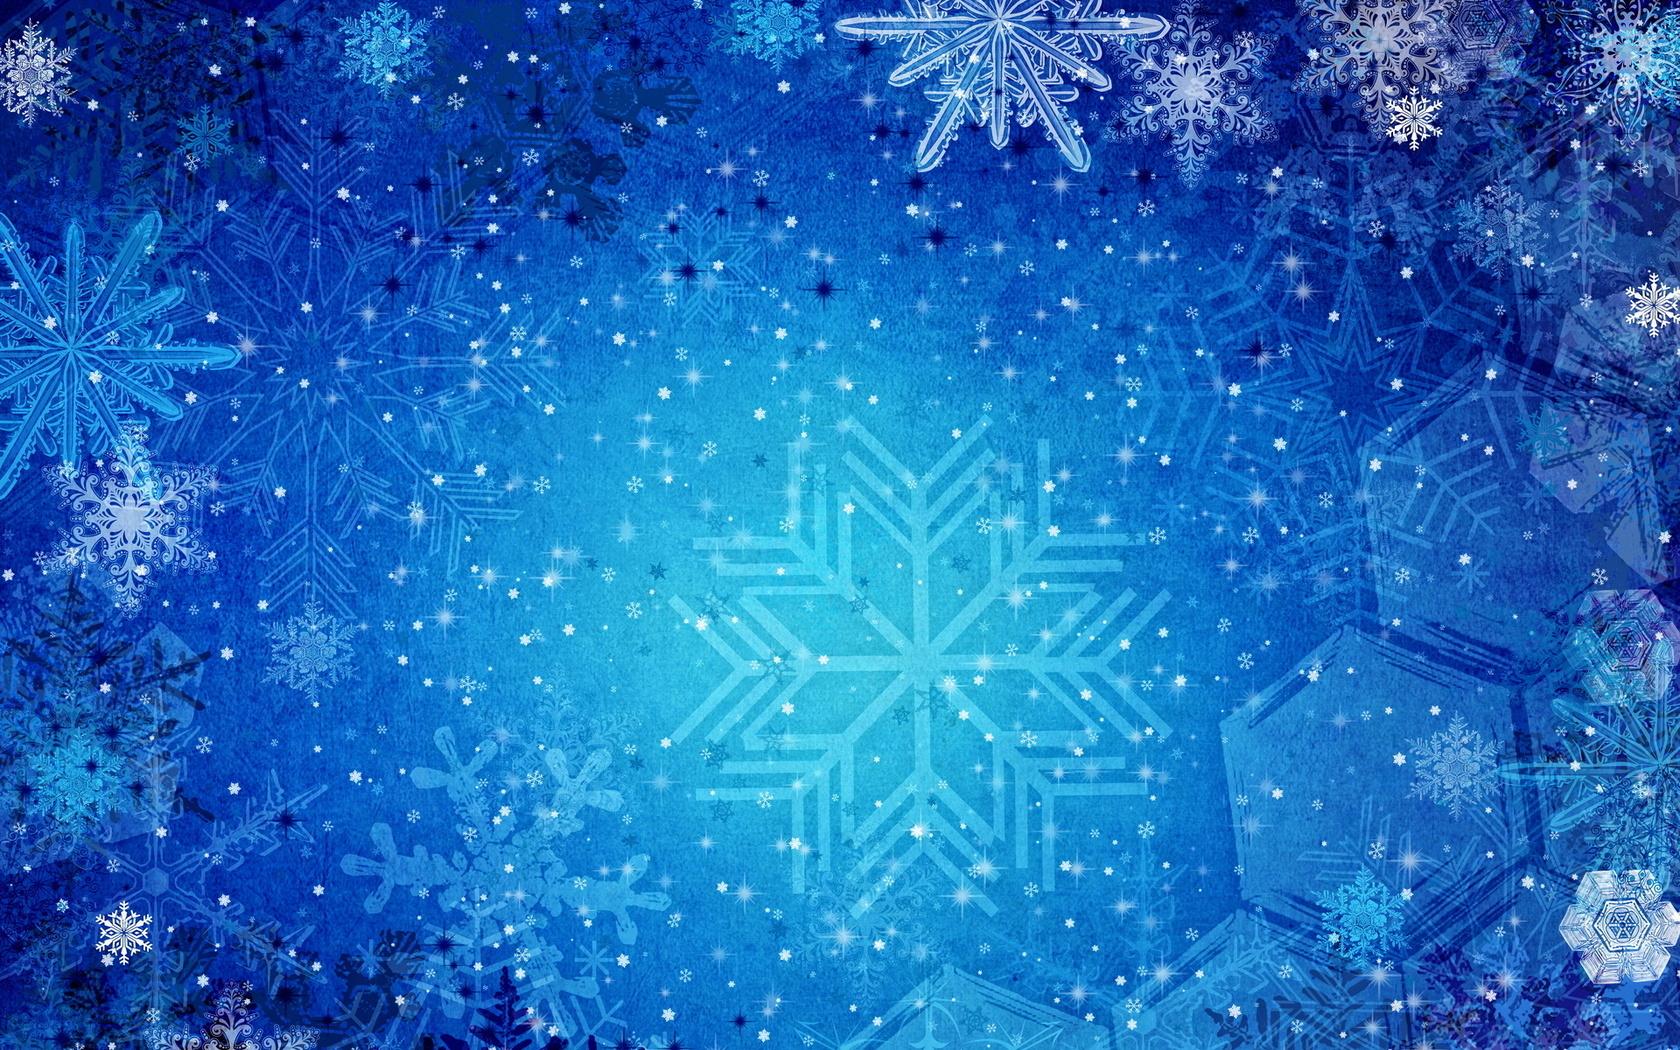 используете картинка фон голубой со снежинками нашей инструкцией